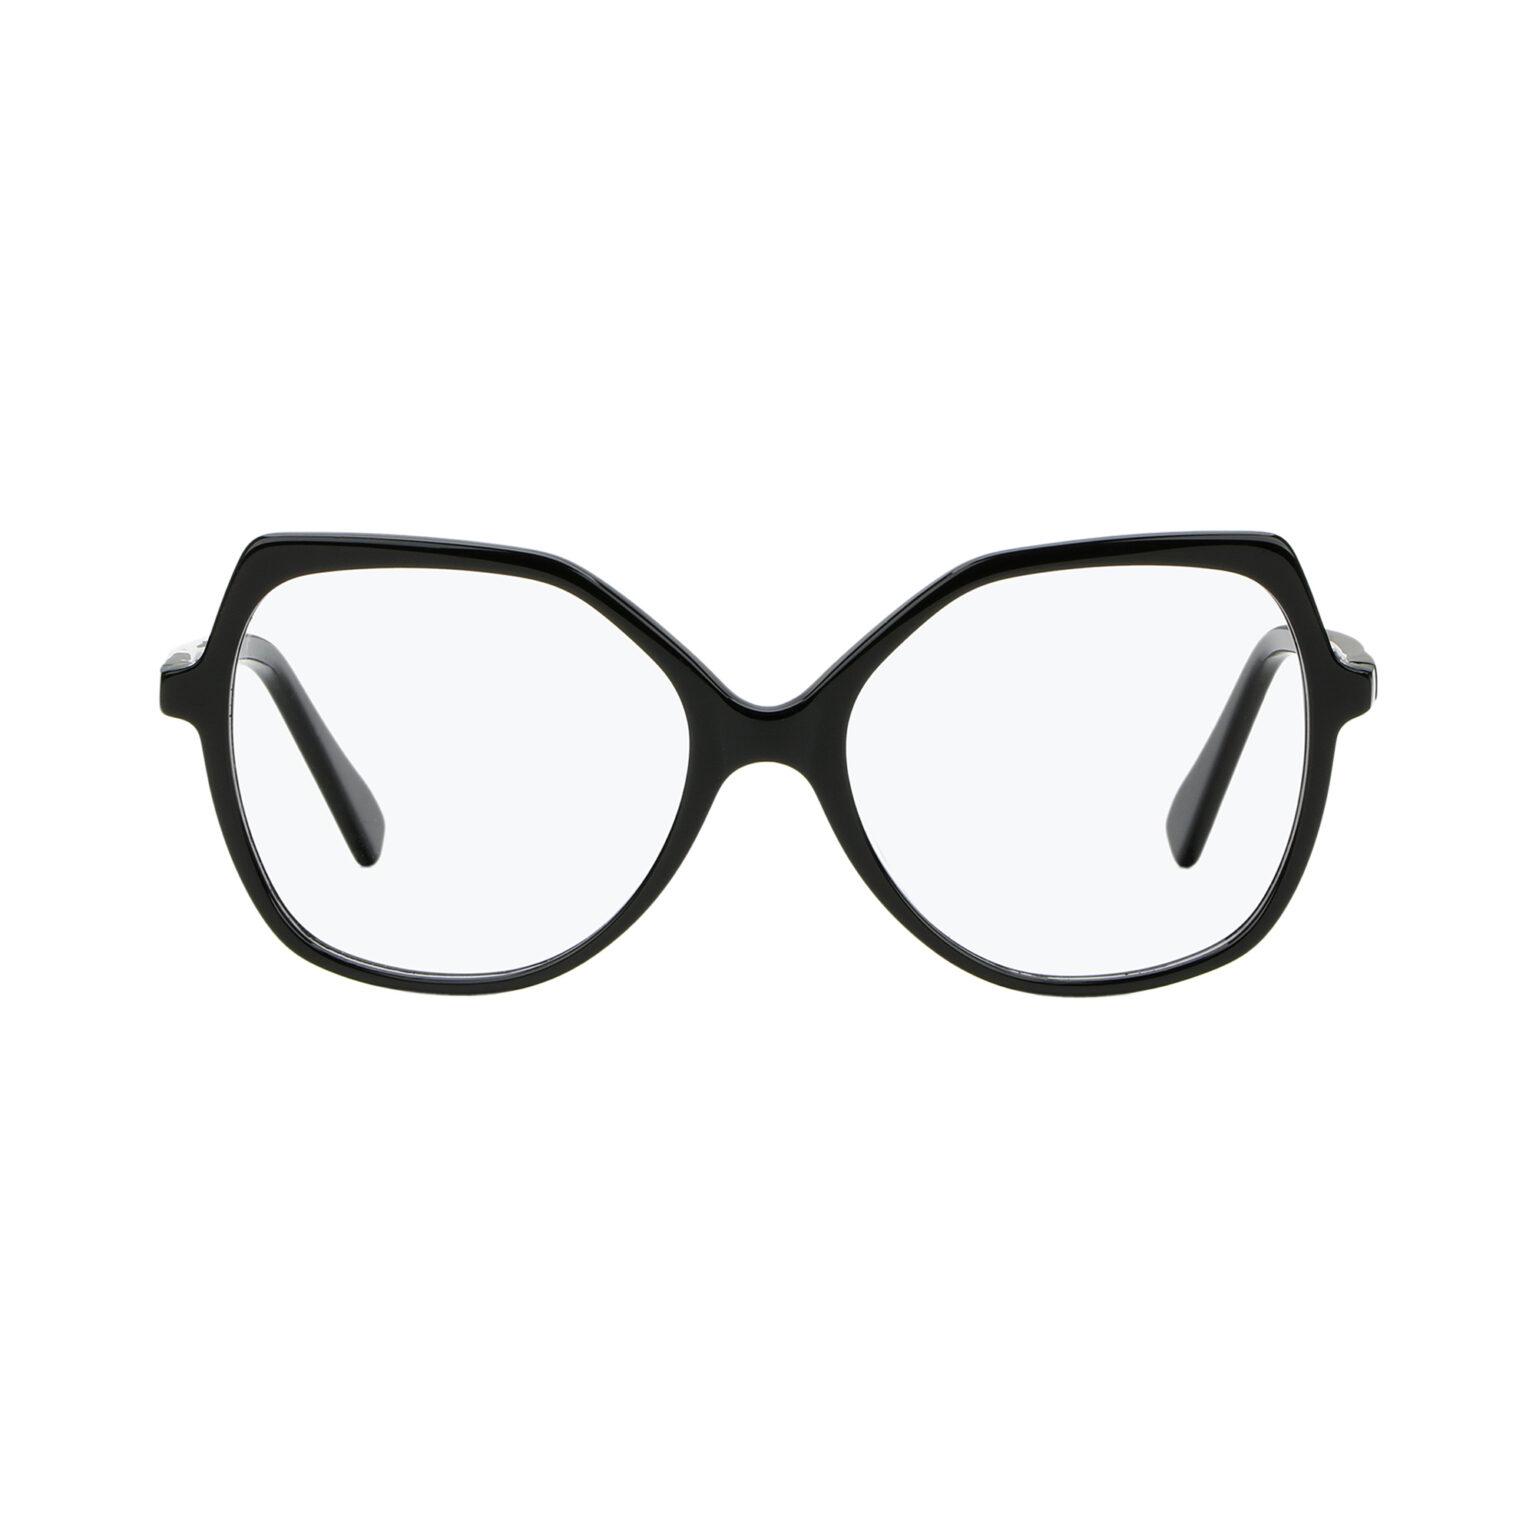 Spektre eyewear optical collection: premium quality eyewear